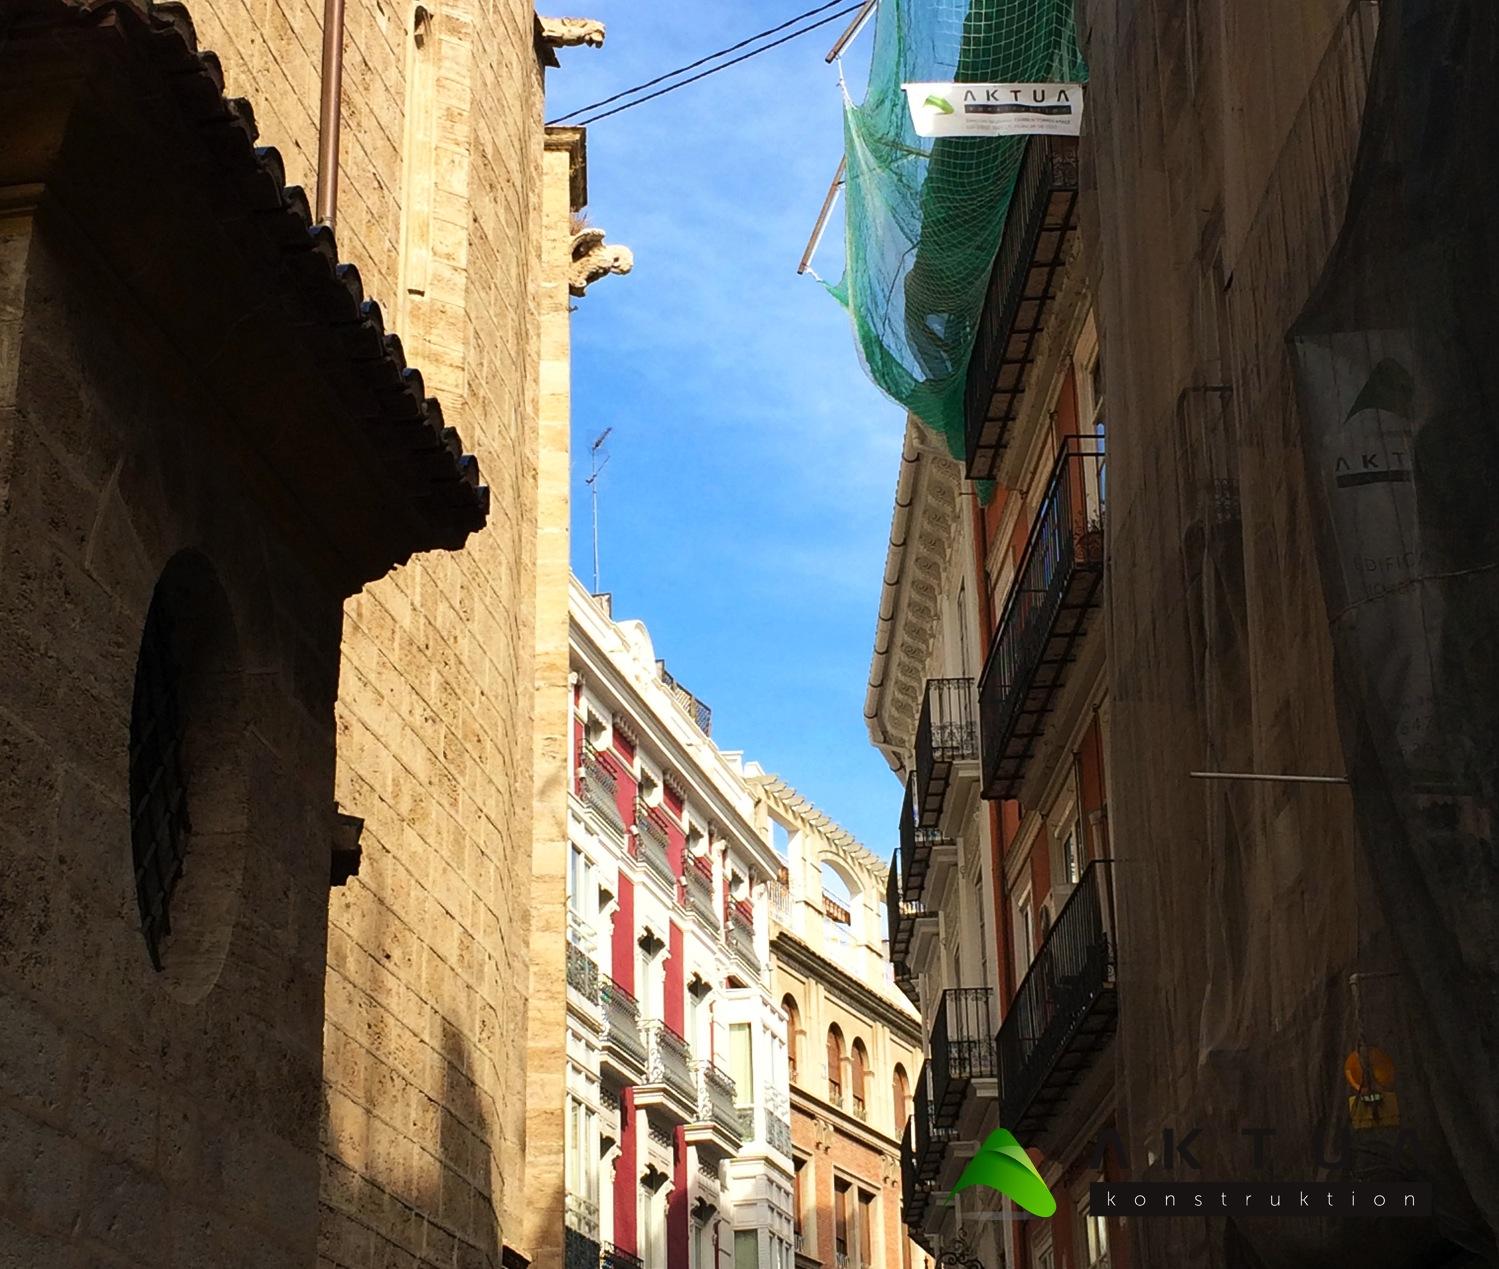 Rehabilitación edificios Valencia: bioconstrucción y ahorro energético